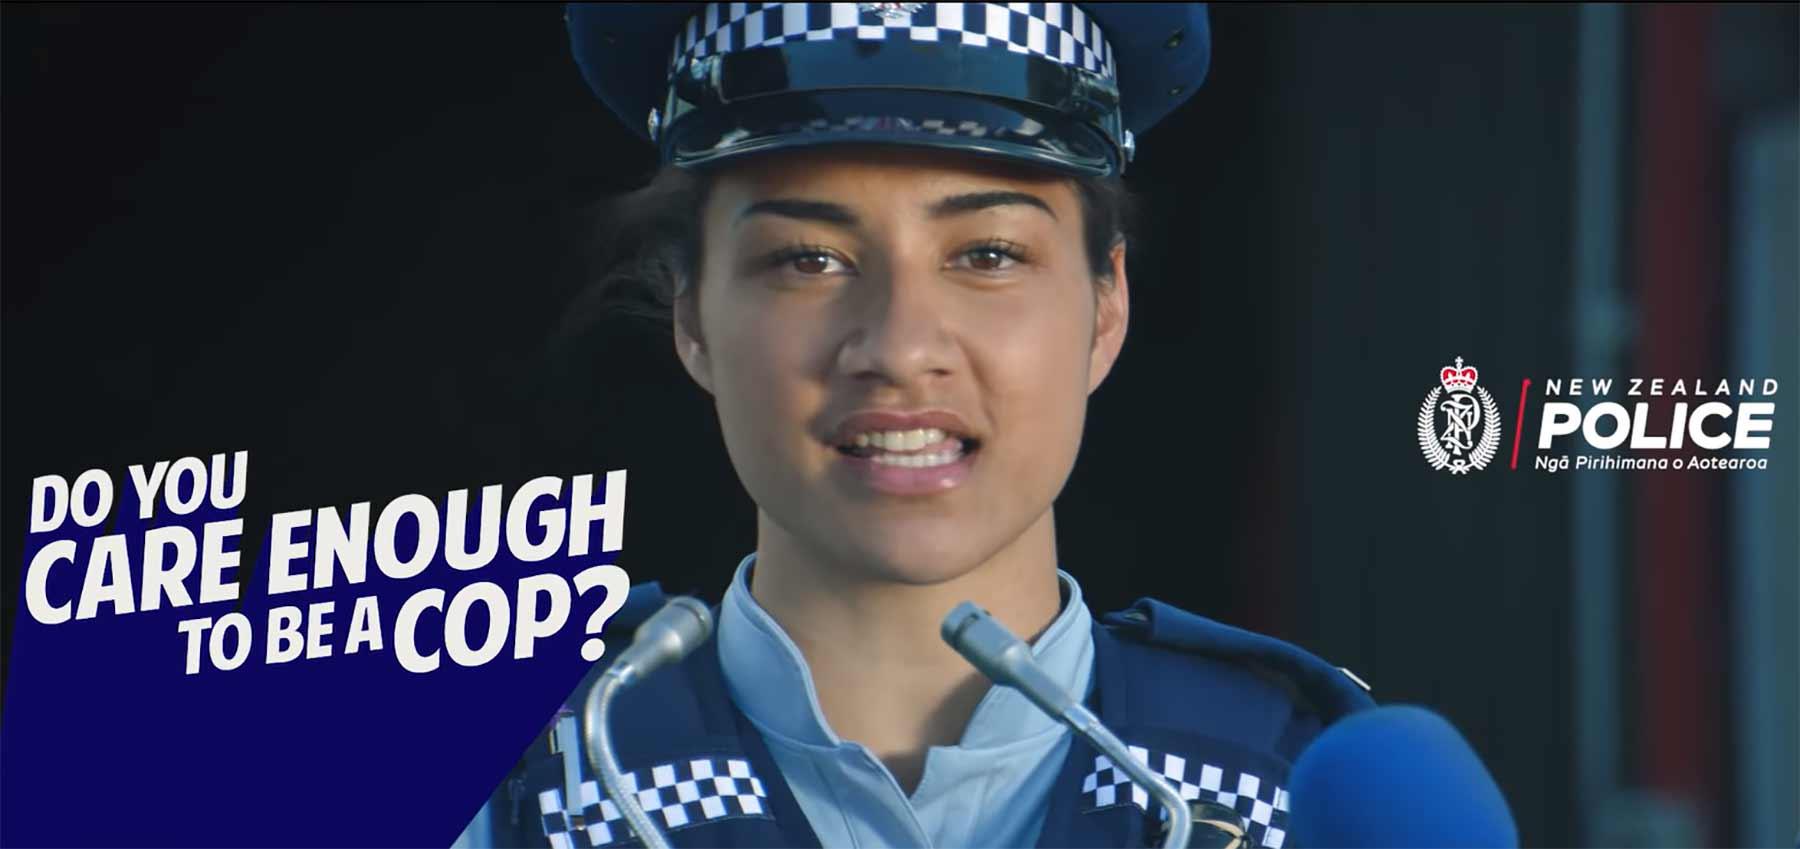 So lustig sucht die neuseeländische Polizei nach neuen Rekruten